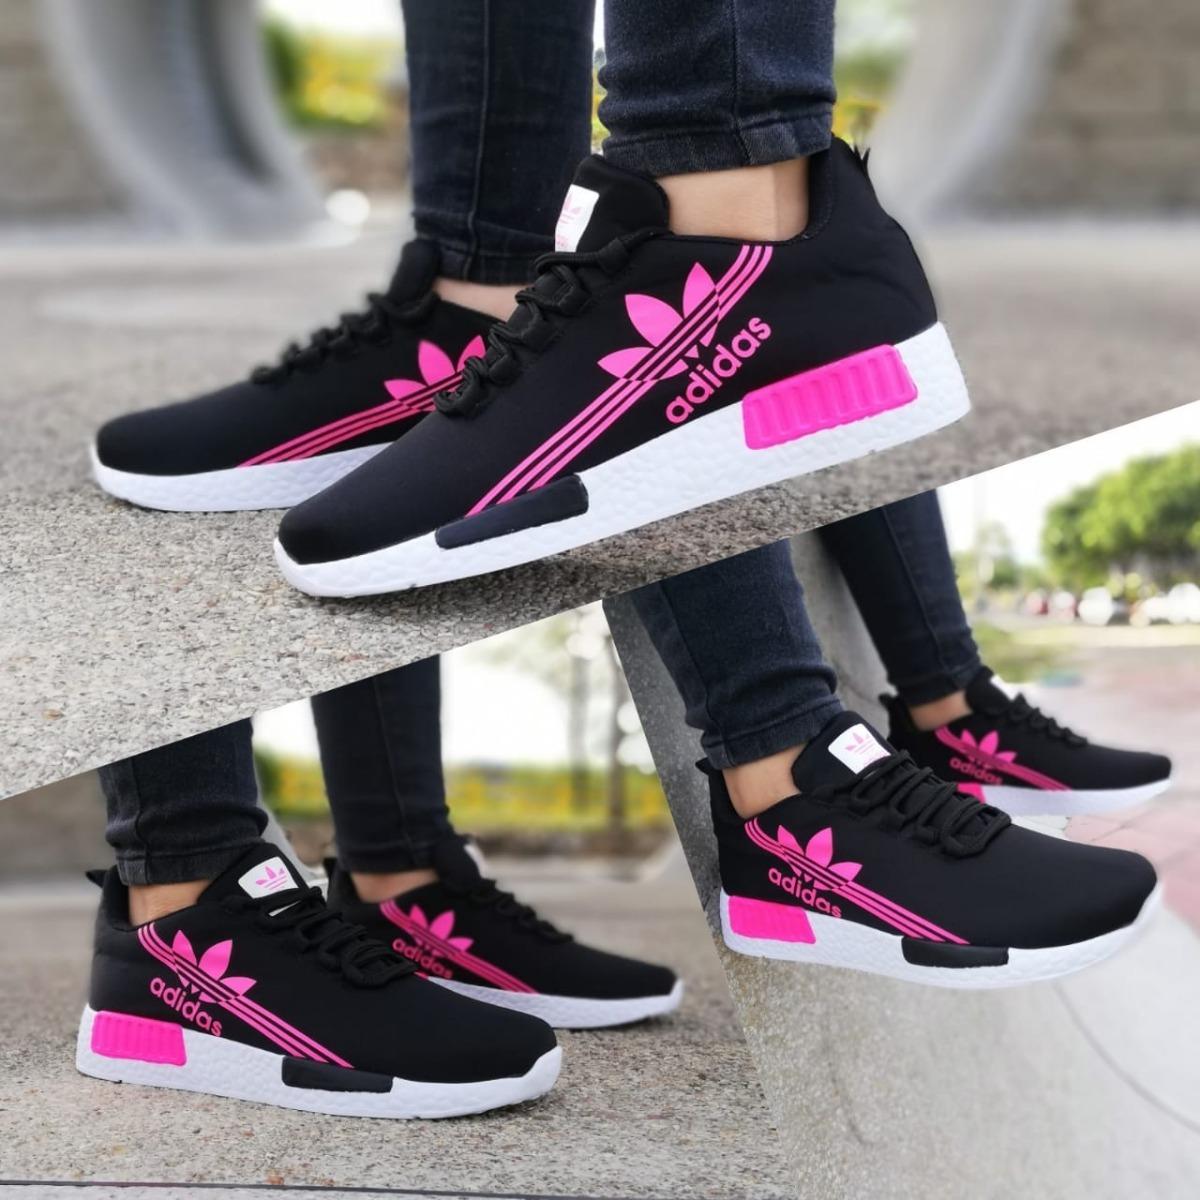 Tenis Cargando Deportivo Adidas X2 Niño Hombre Zapatos Zoom Mujer dPpdw0